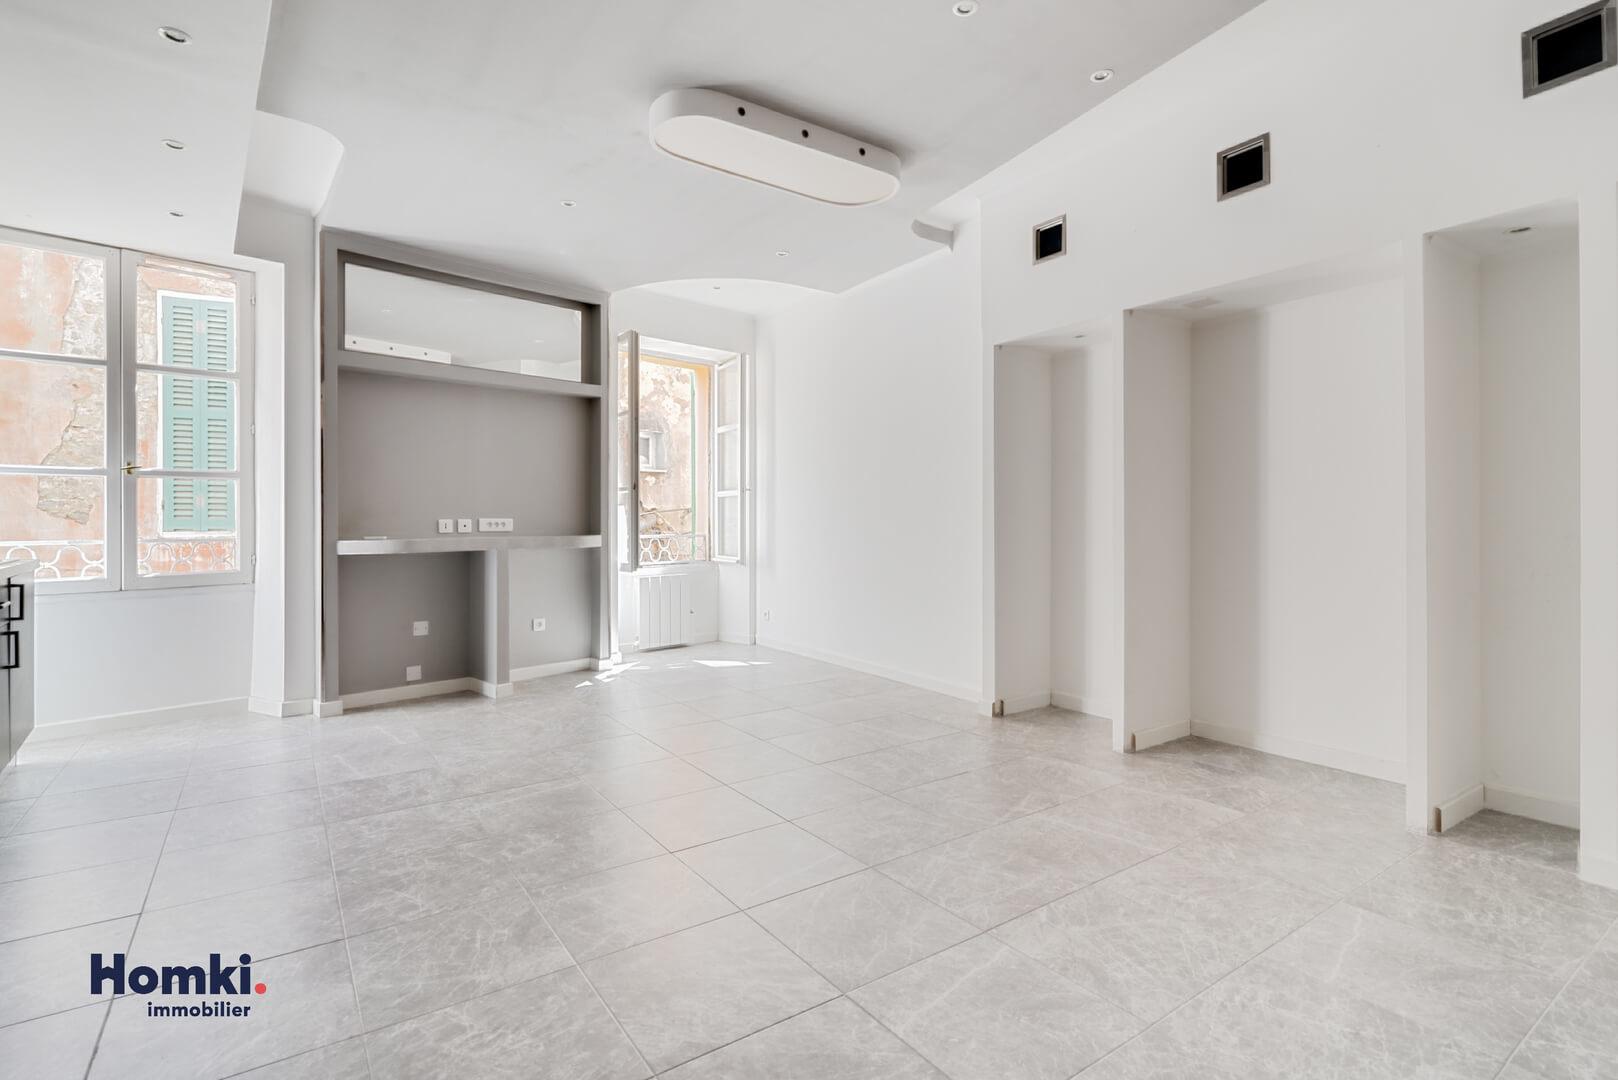 Vente appartement Menton T2 06500 Côte d'Azur French Riviera Investissement_3